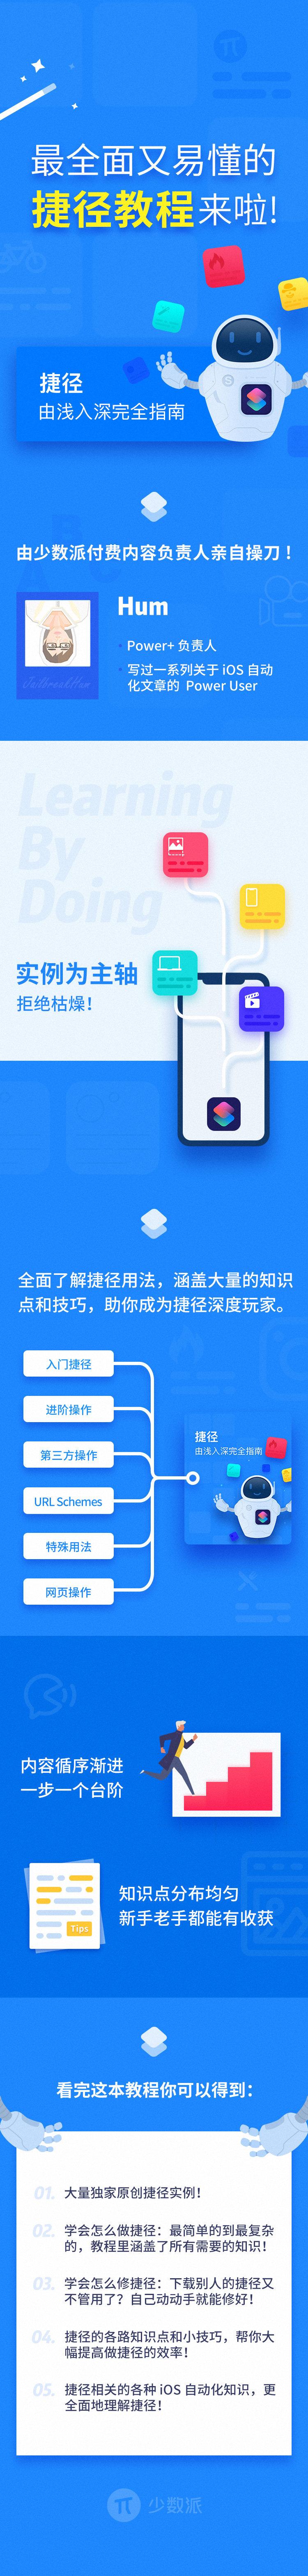 捷径探索 iOS_捷径入门到精通学习教程-920神器网